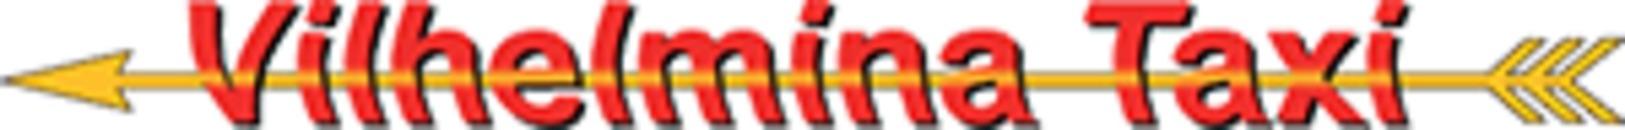 Vilhelmina Taxi - Lapplandsbuss AB logo